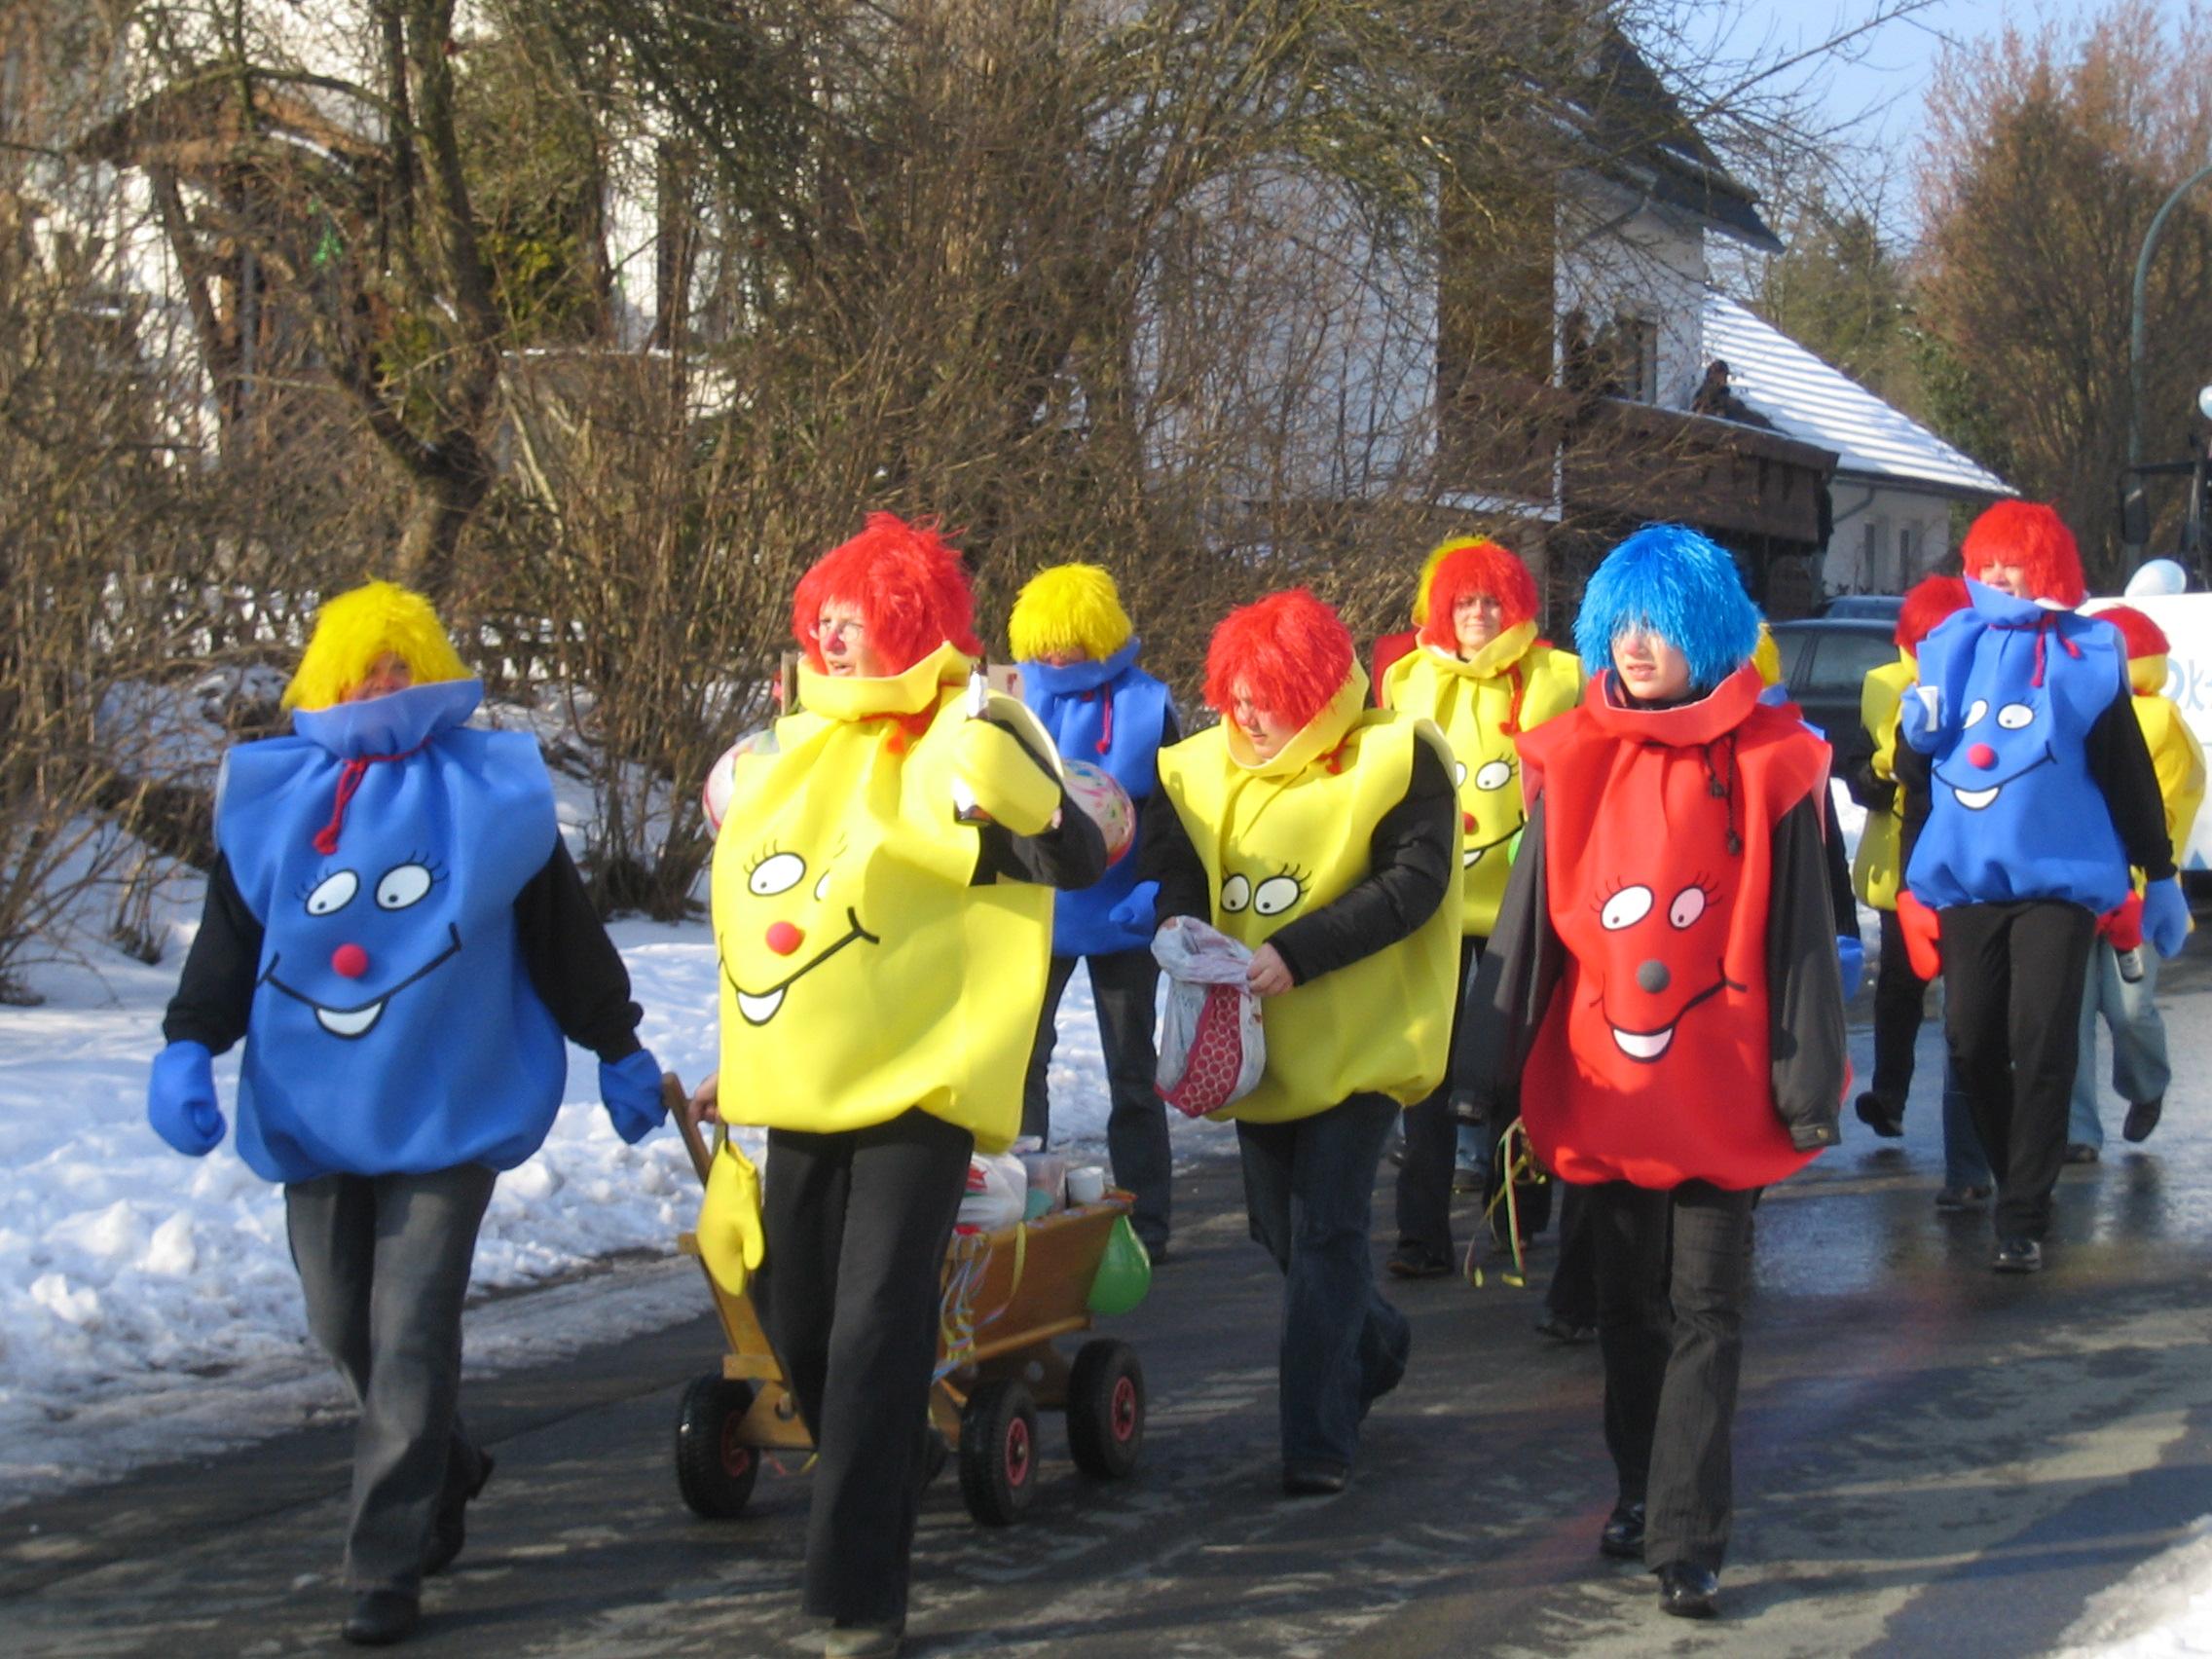 Die Karnevalstage in Liesen mit Kappensitzung und Strassenkarneval